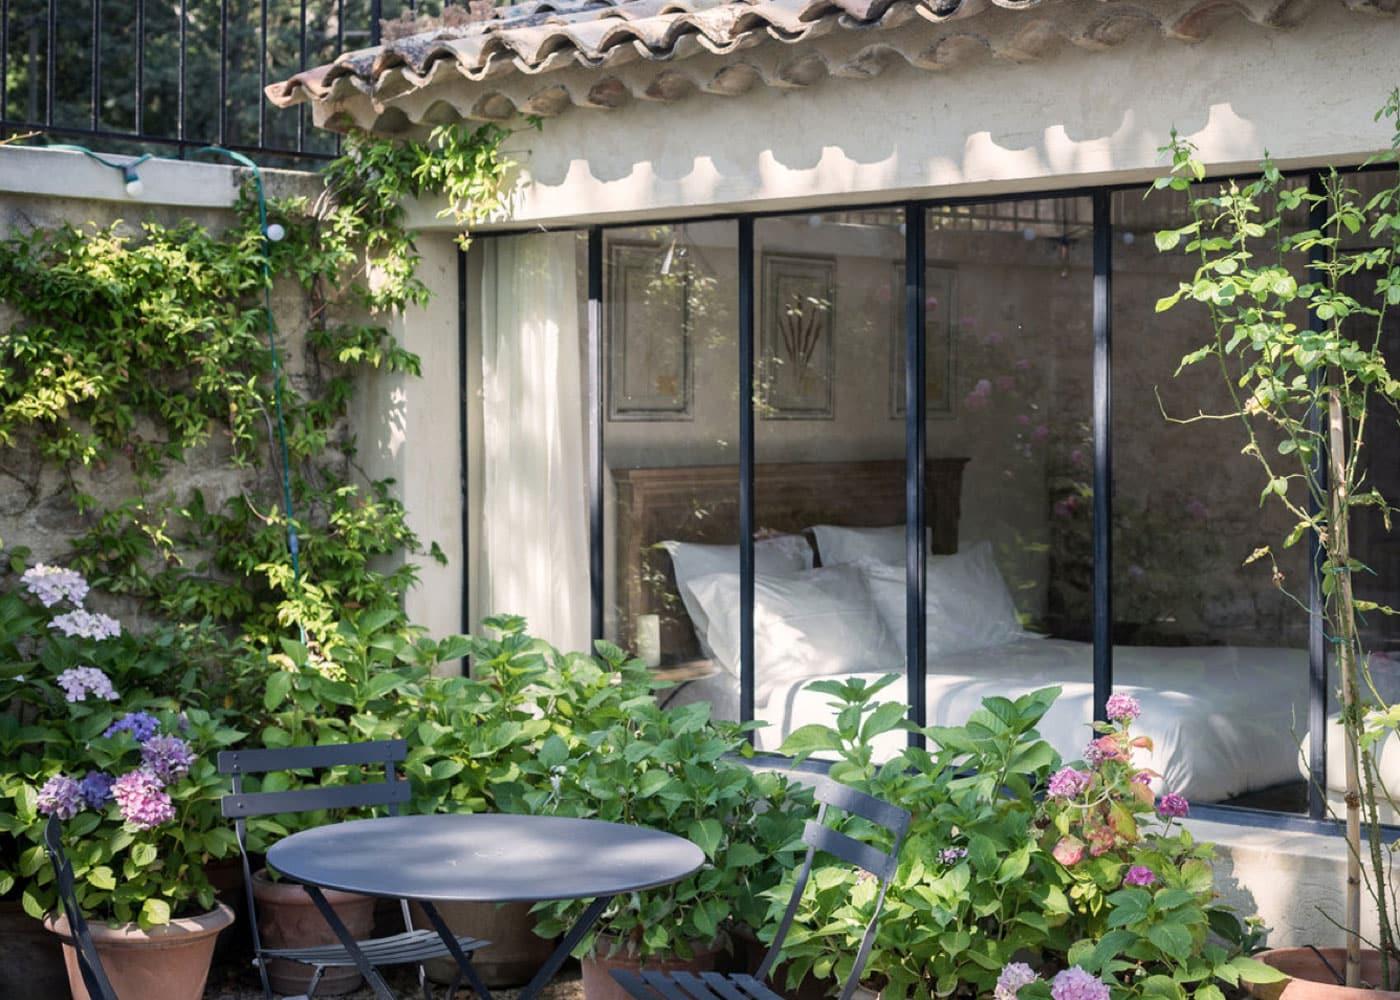 Domaine-de-Fontenille-Lauris-Chambre-Lavoir-verriere-jardin